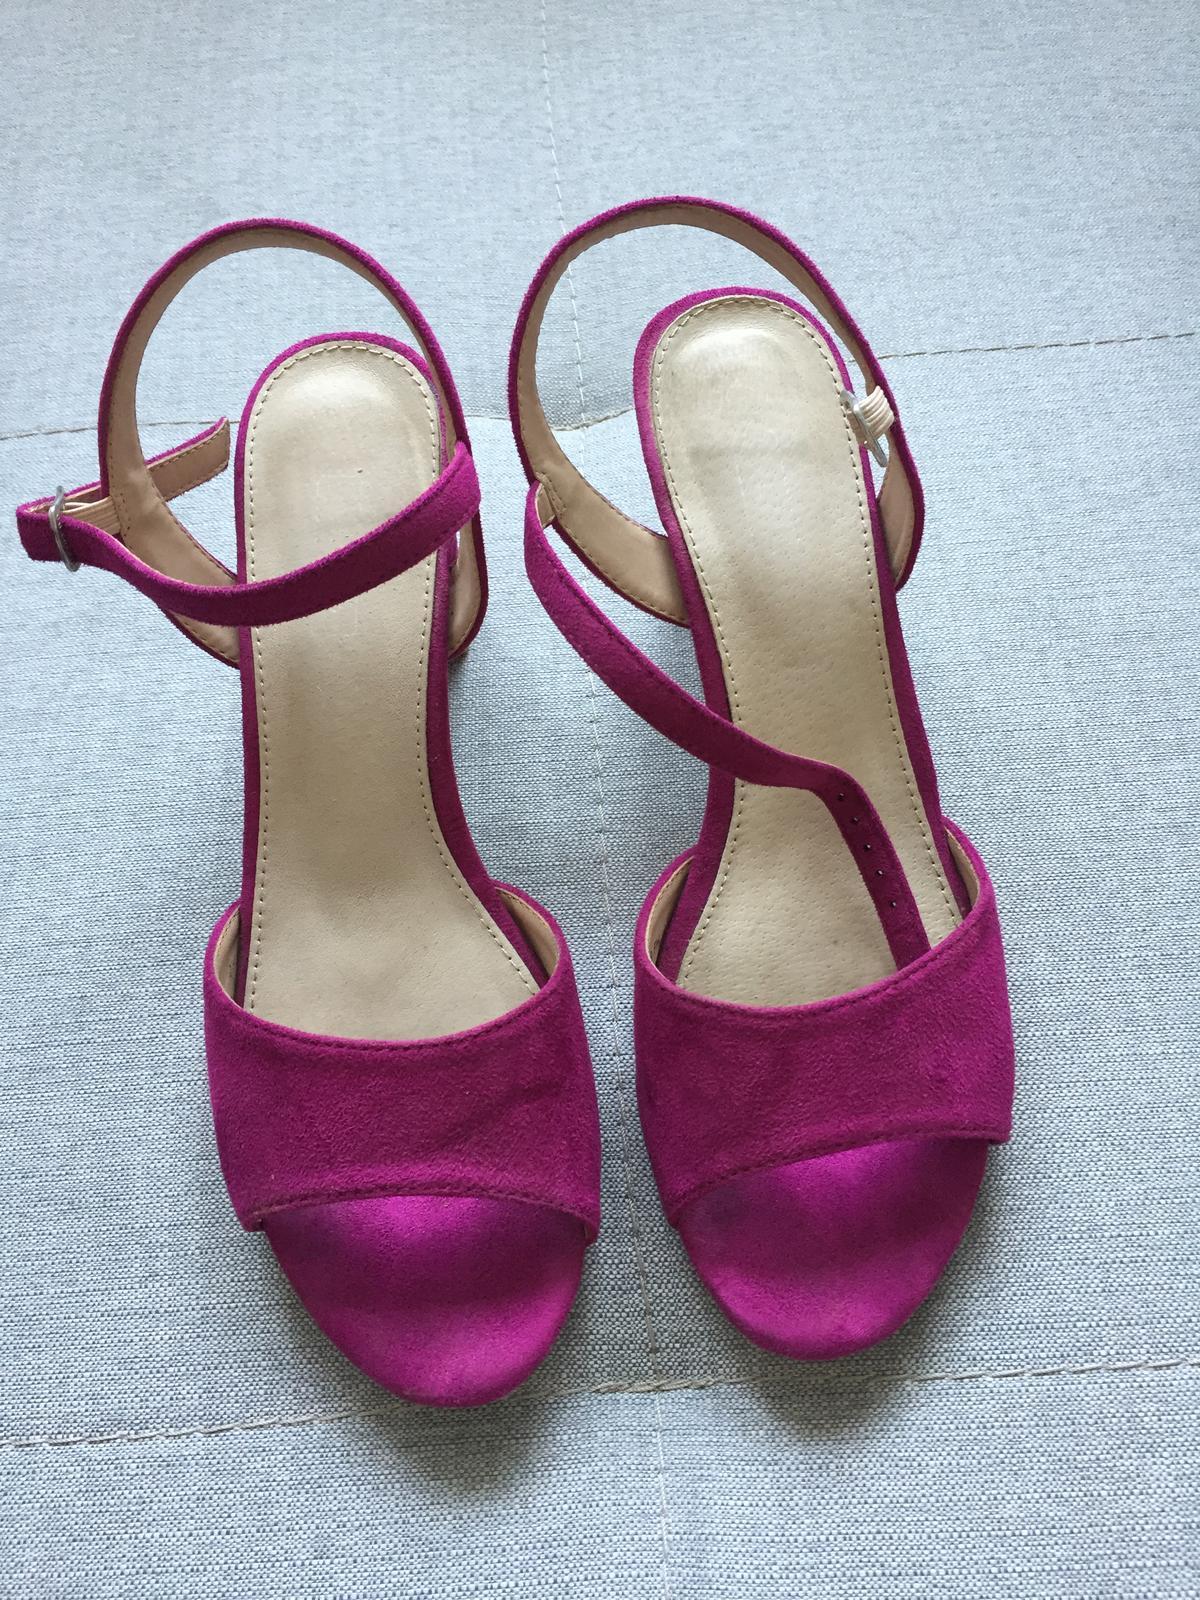 Boty na podpatku - Obrázek č. 1